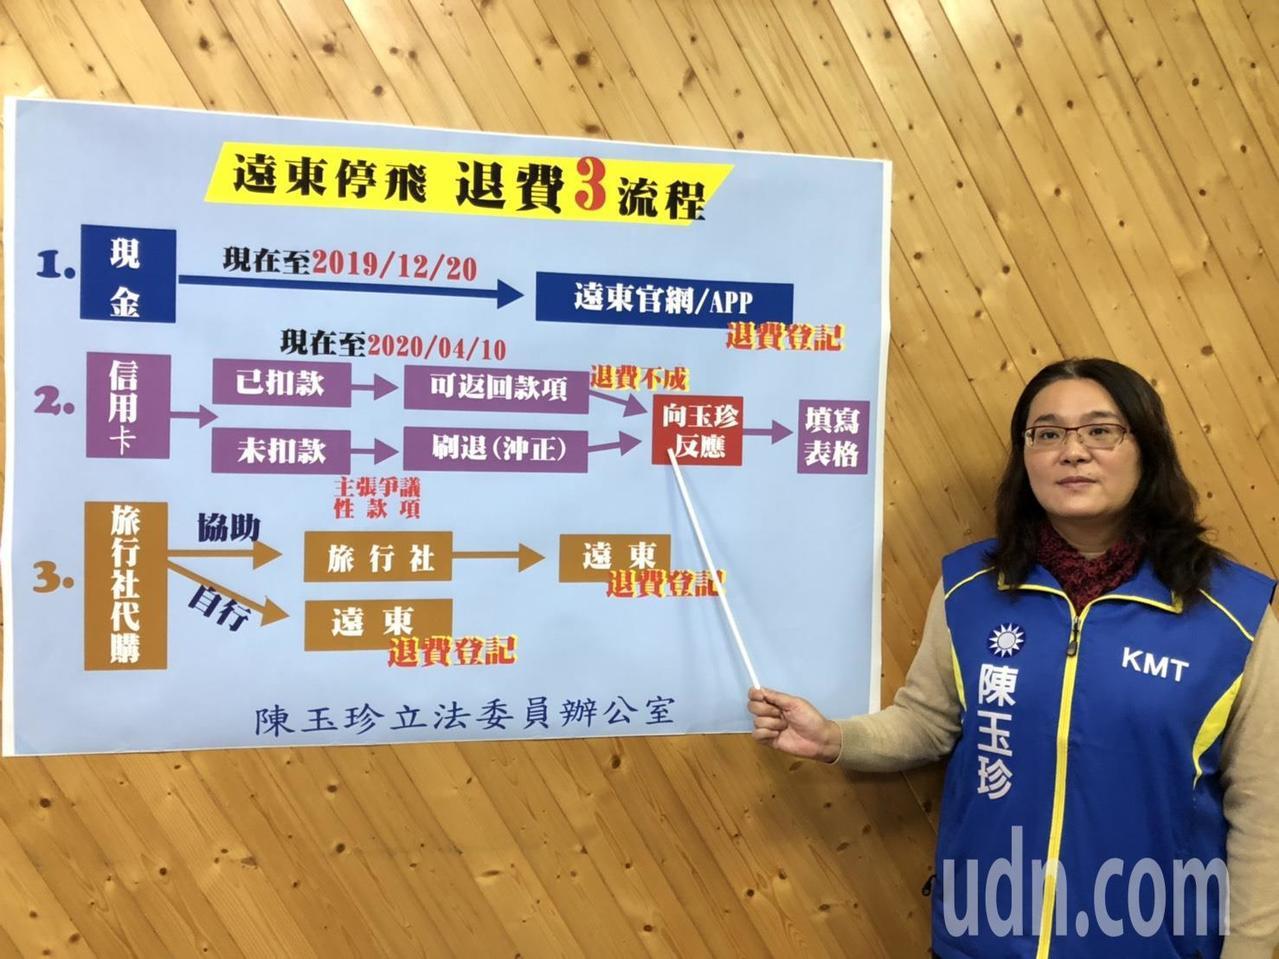 立委陳玉珍今天特別召開記者會,用「懶人包」來簡單說明退費機制、手續流程等,讓民眾...